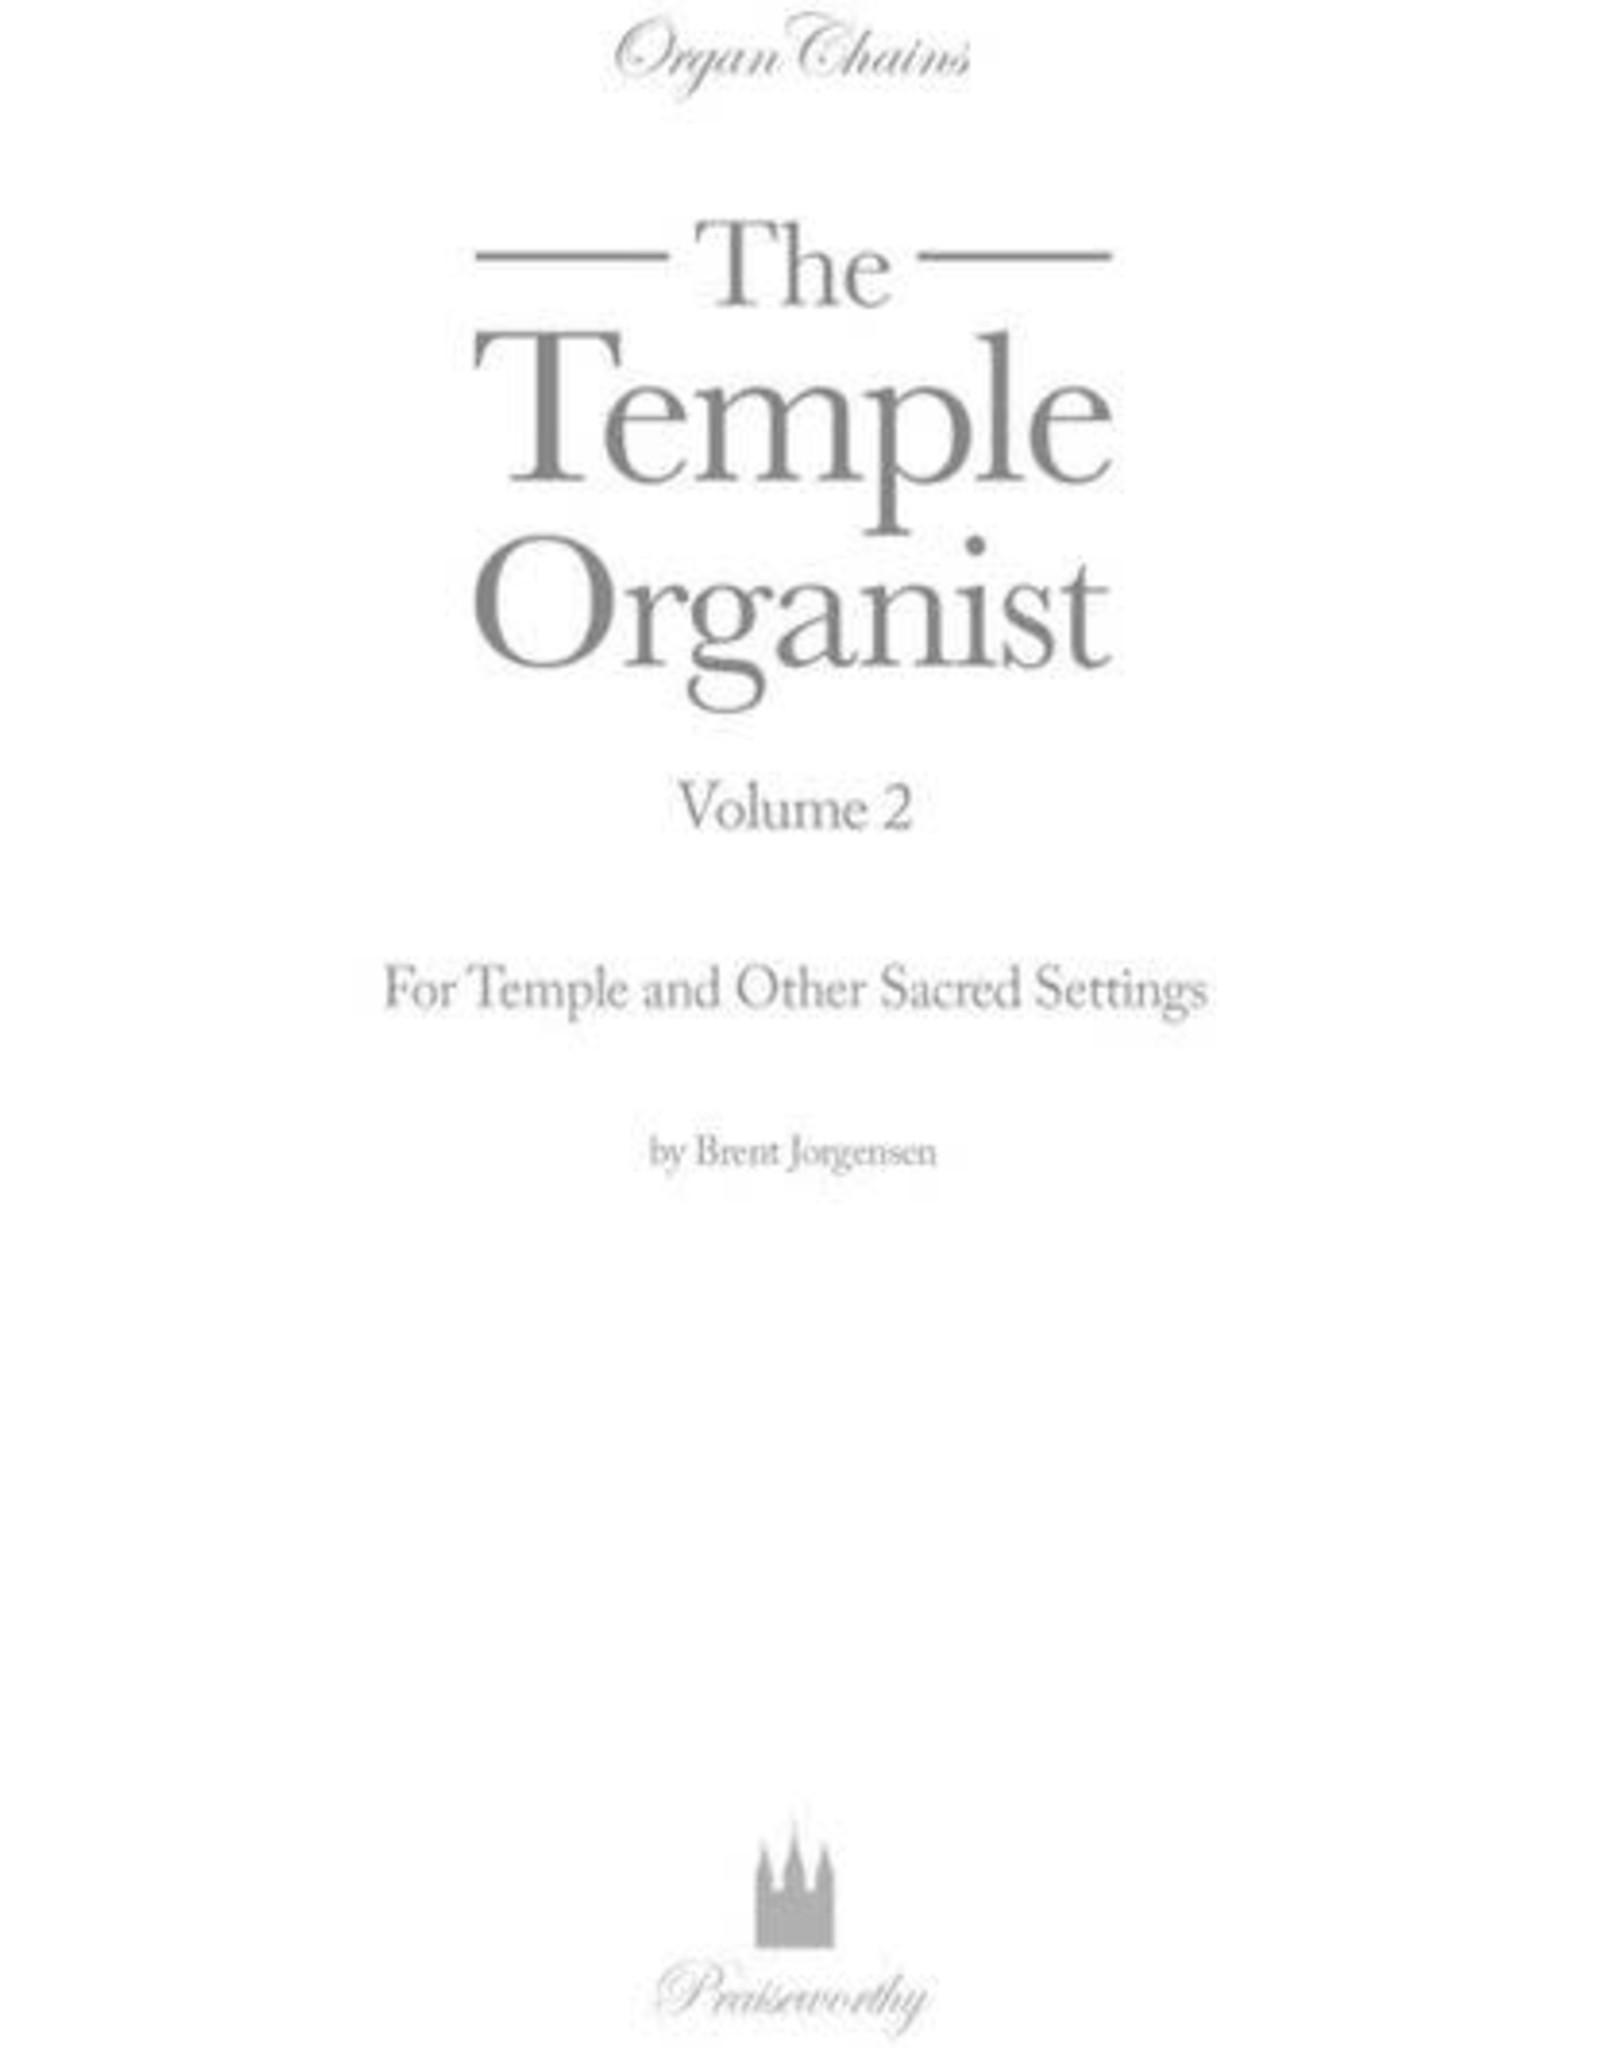 Jackman Music Organ Chains - Temple Organist Volume 2 arr. Brent Jorgensen